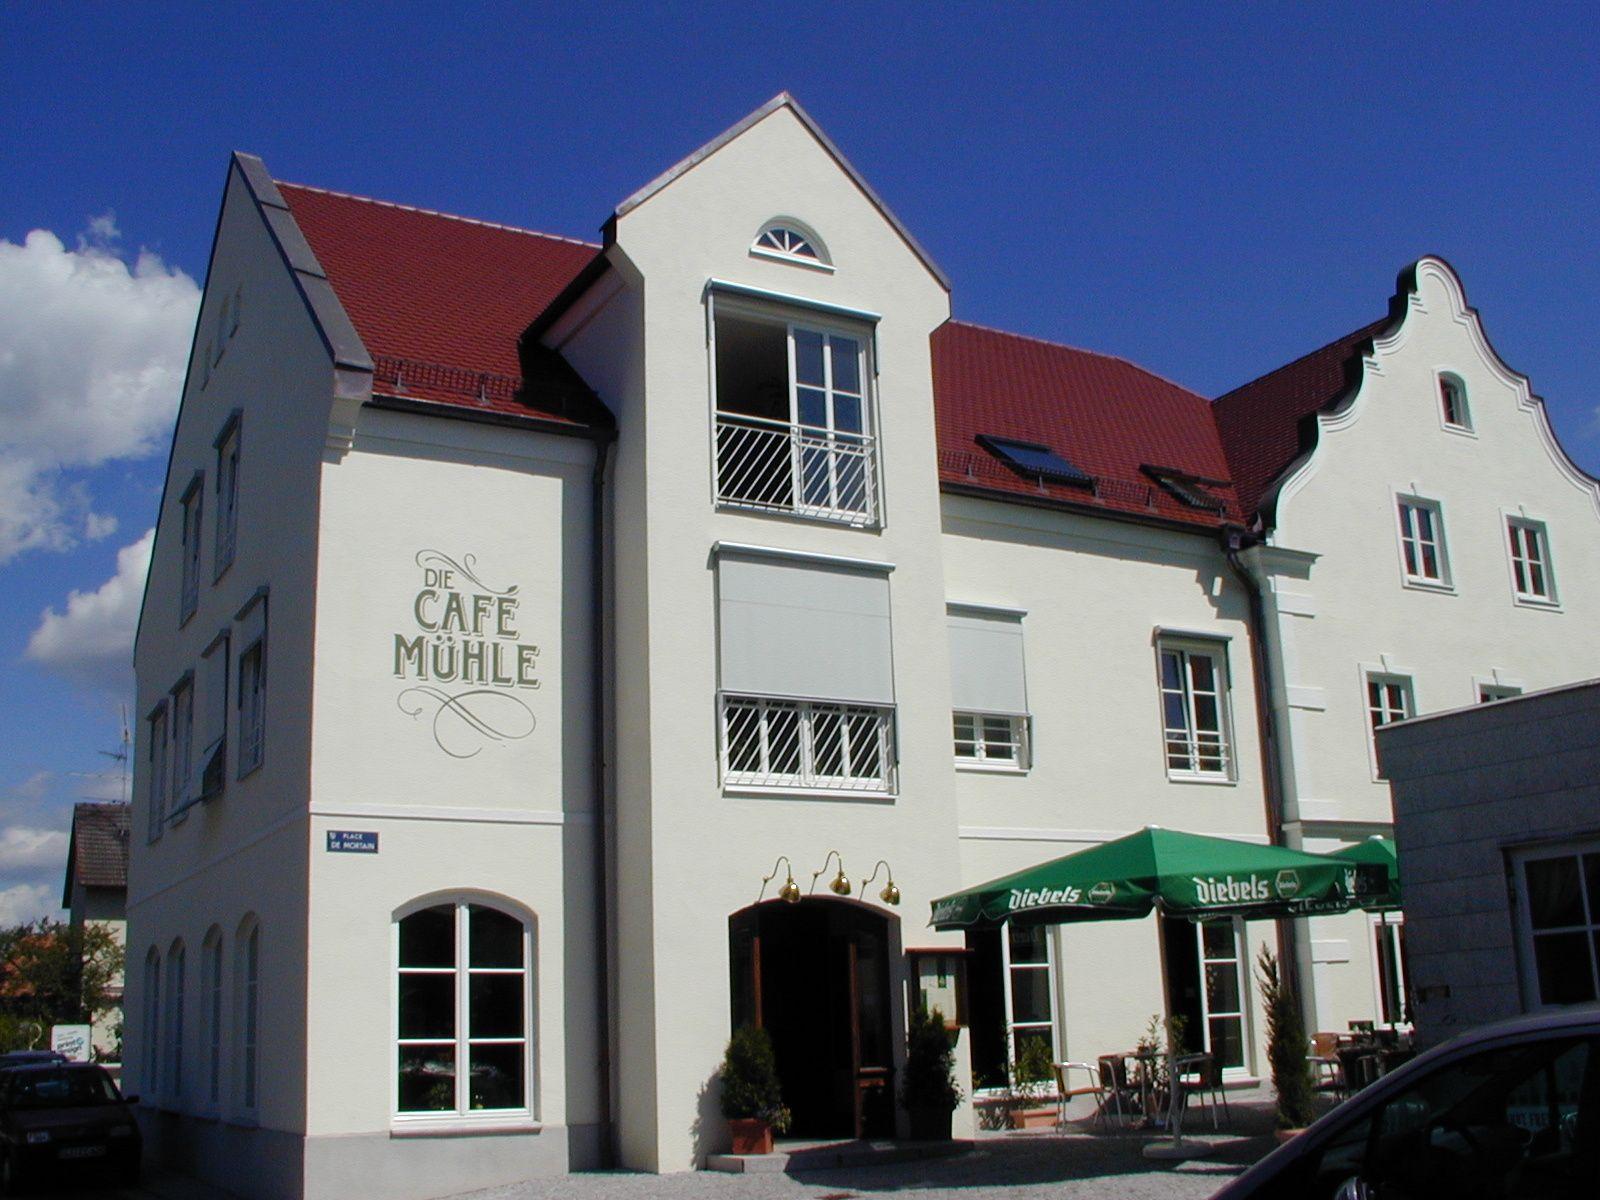 Sanierung der CaféMühle in Thannhausen, realisiert durch